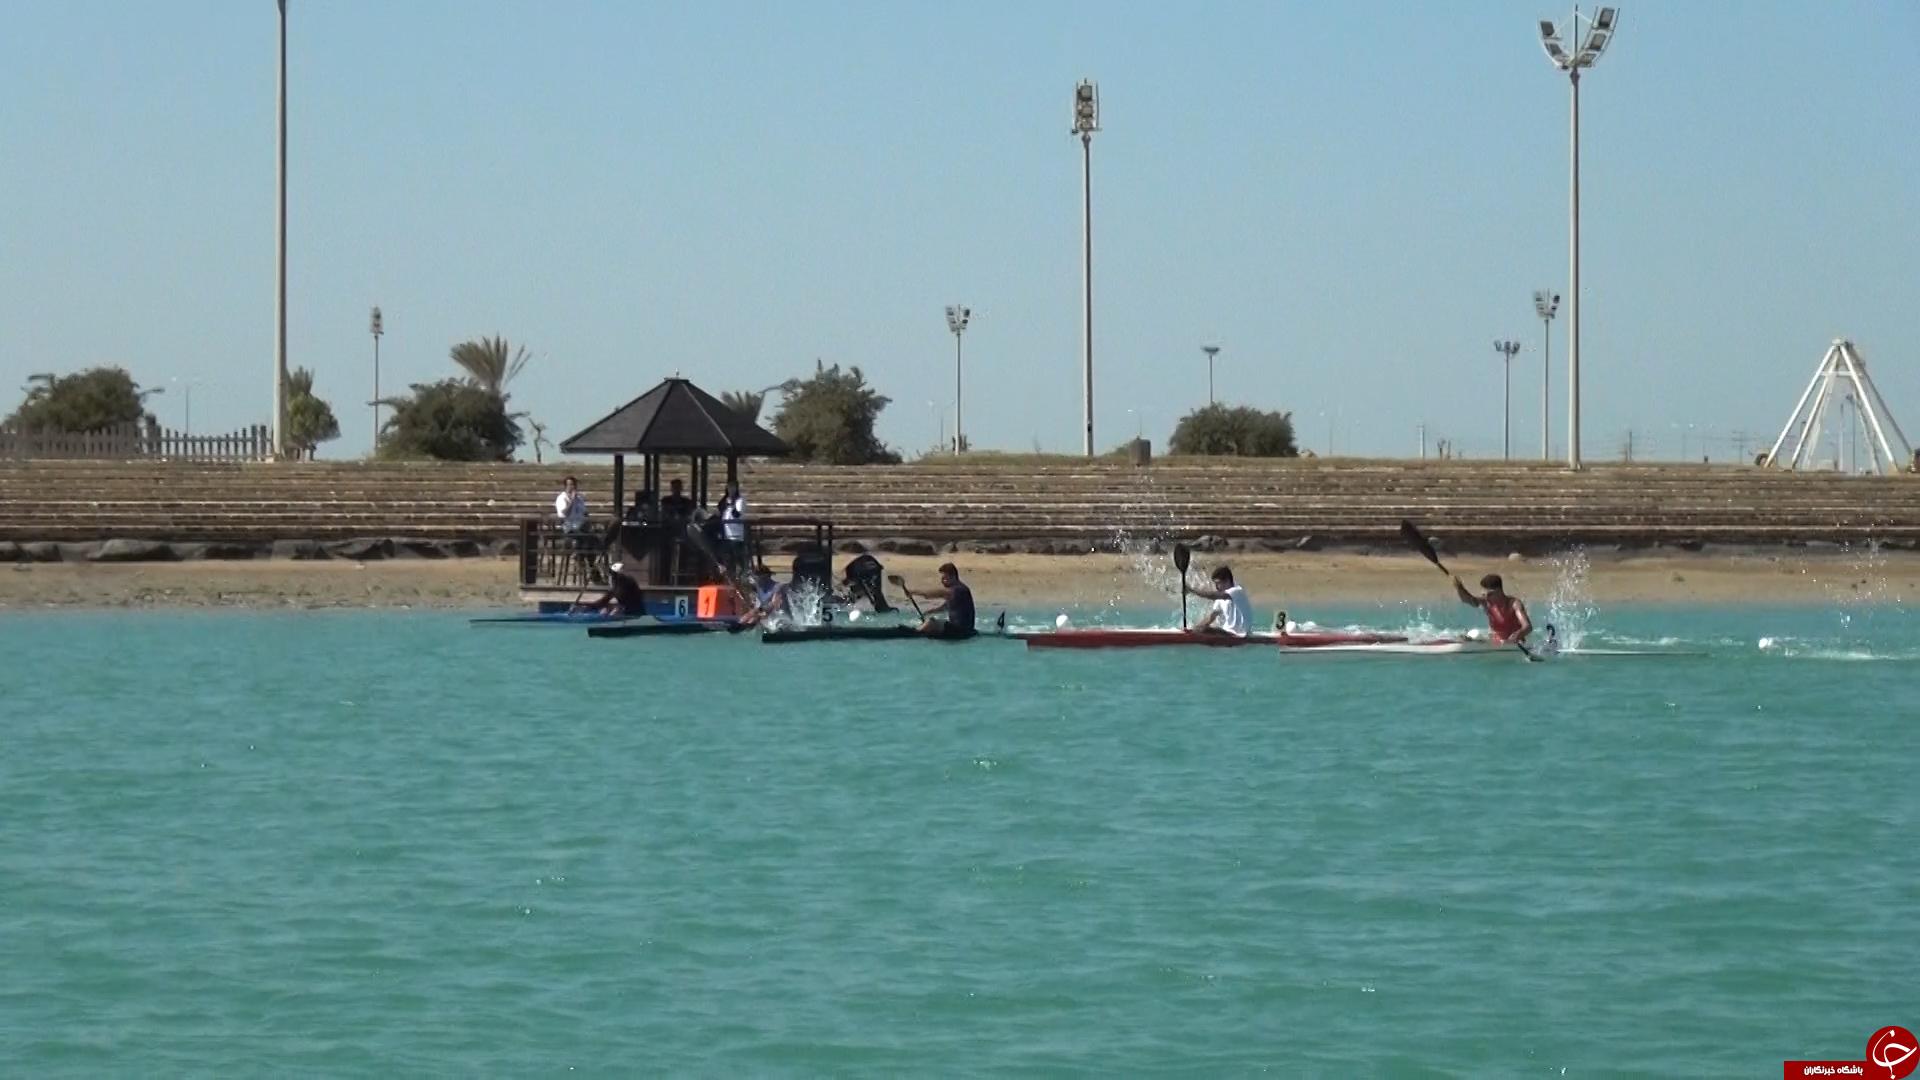 مسابقات قایقرانی قهرمانی کشور با معرفی برترینها در بوشهر پایان یافت